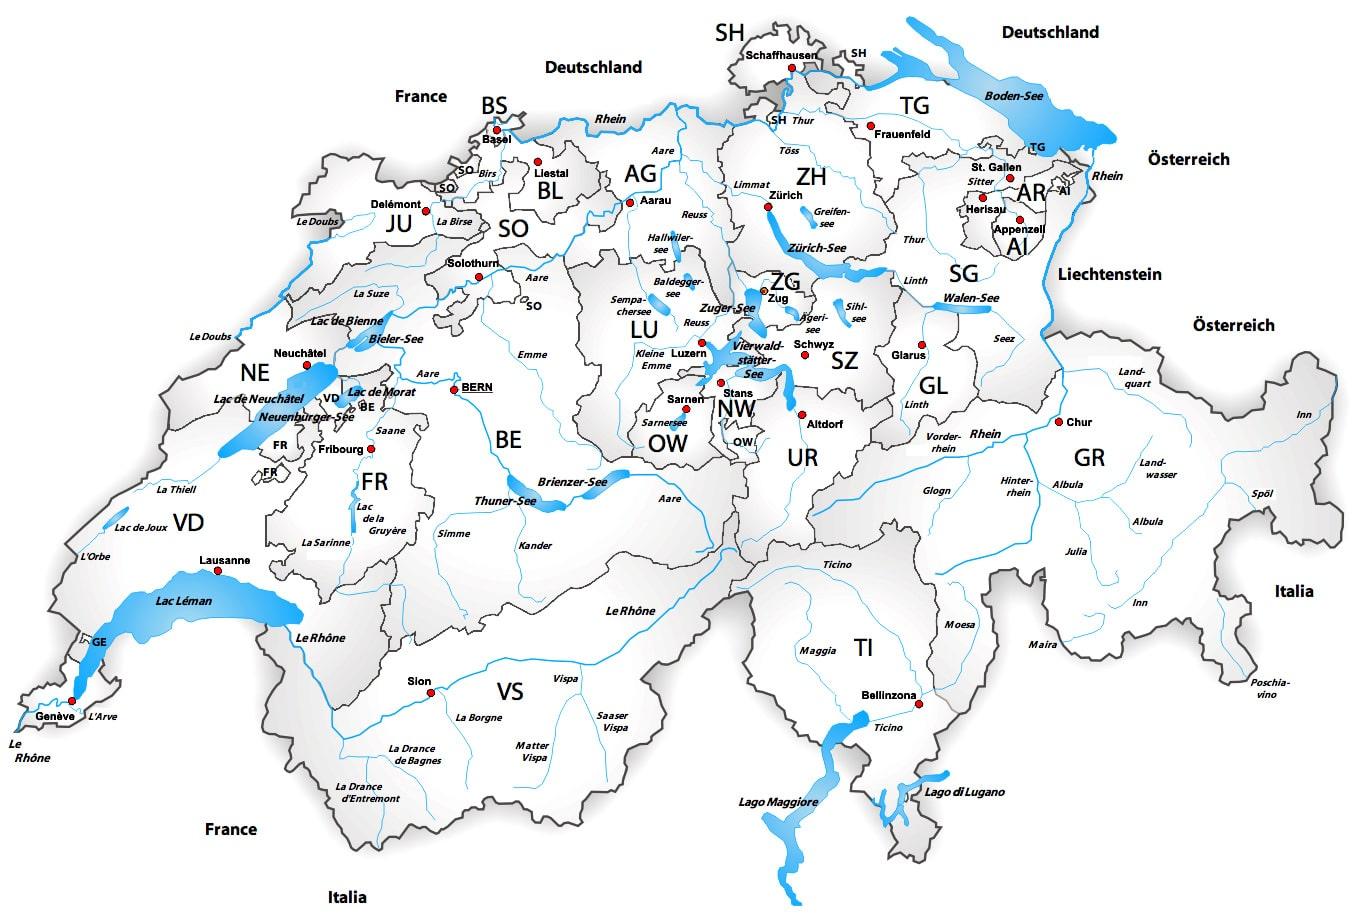 Einsatzgebiet | Coverage area | Reinigungspersonal | reinigungsagentur.ch